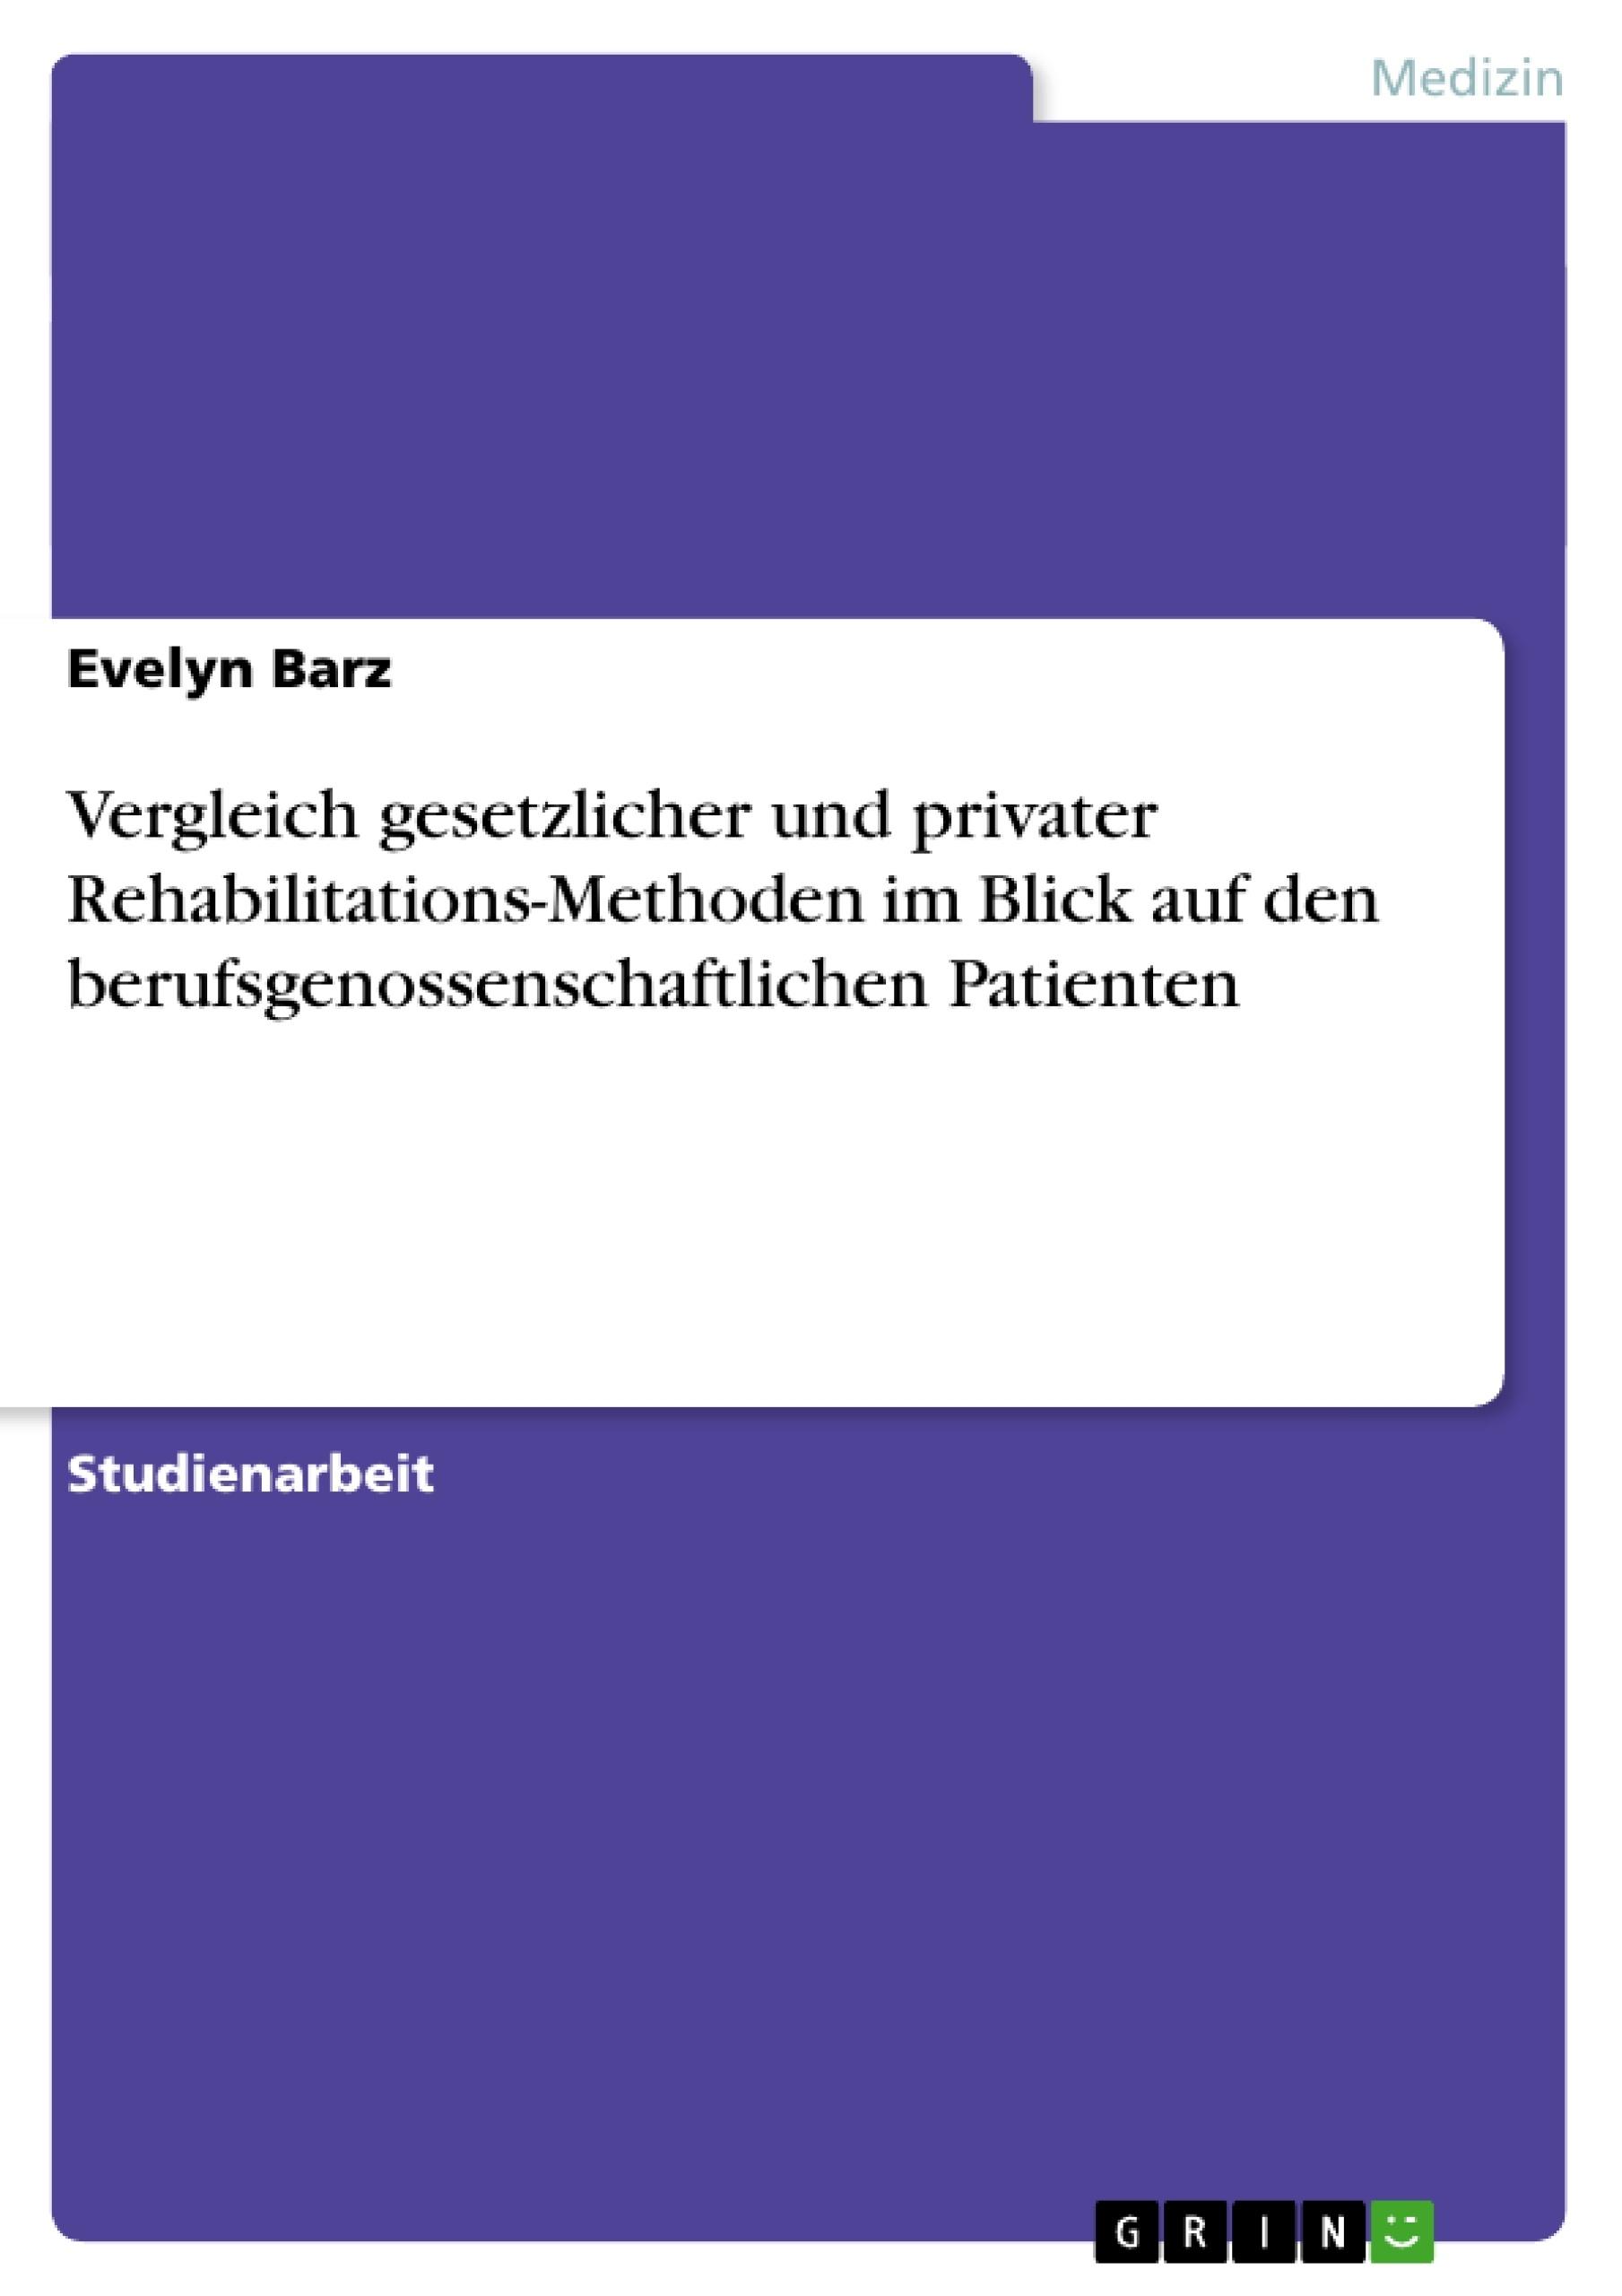 Titel: Vergleich gesetzlicher und privater Rehabilitations-Methoden im Blick auf den berufsgenossenschaftlichen Patienten